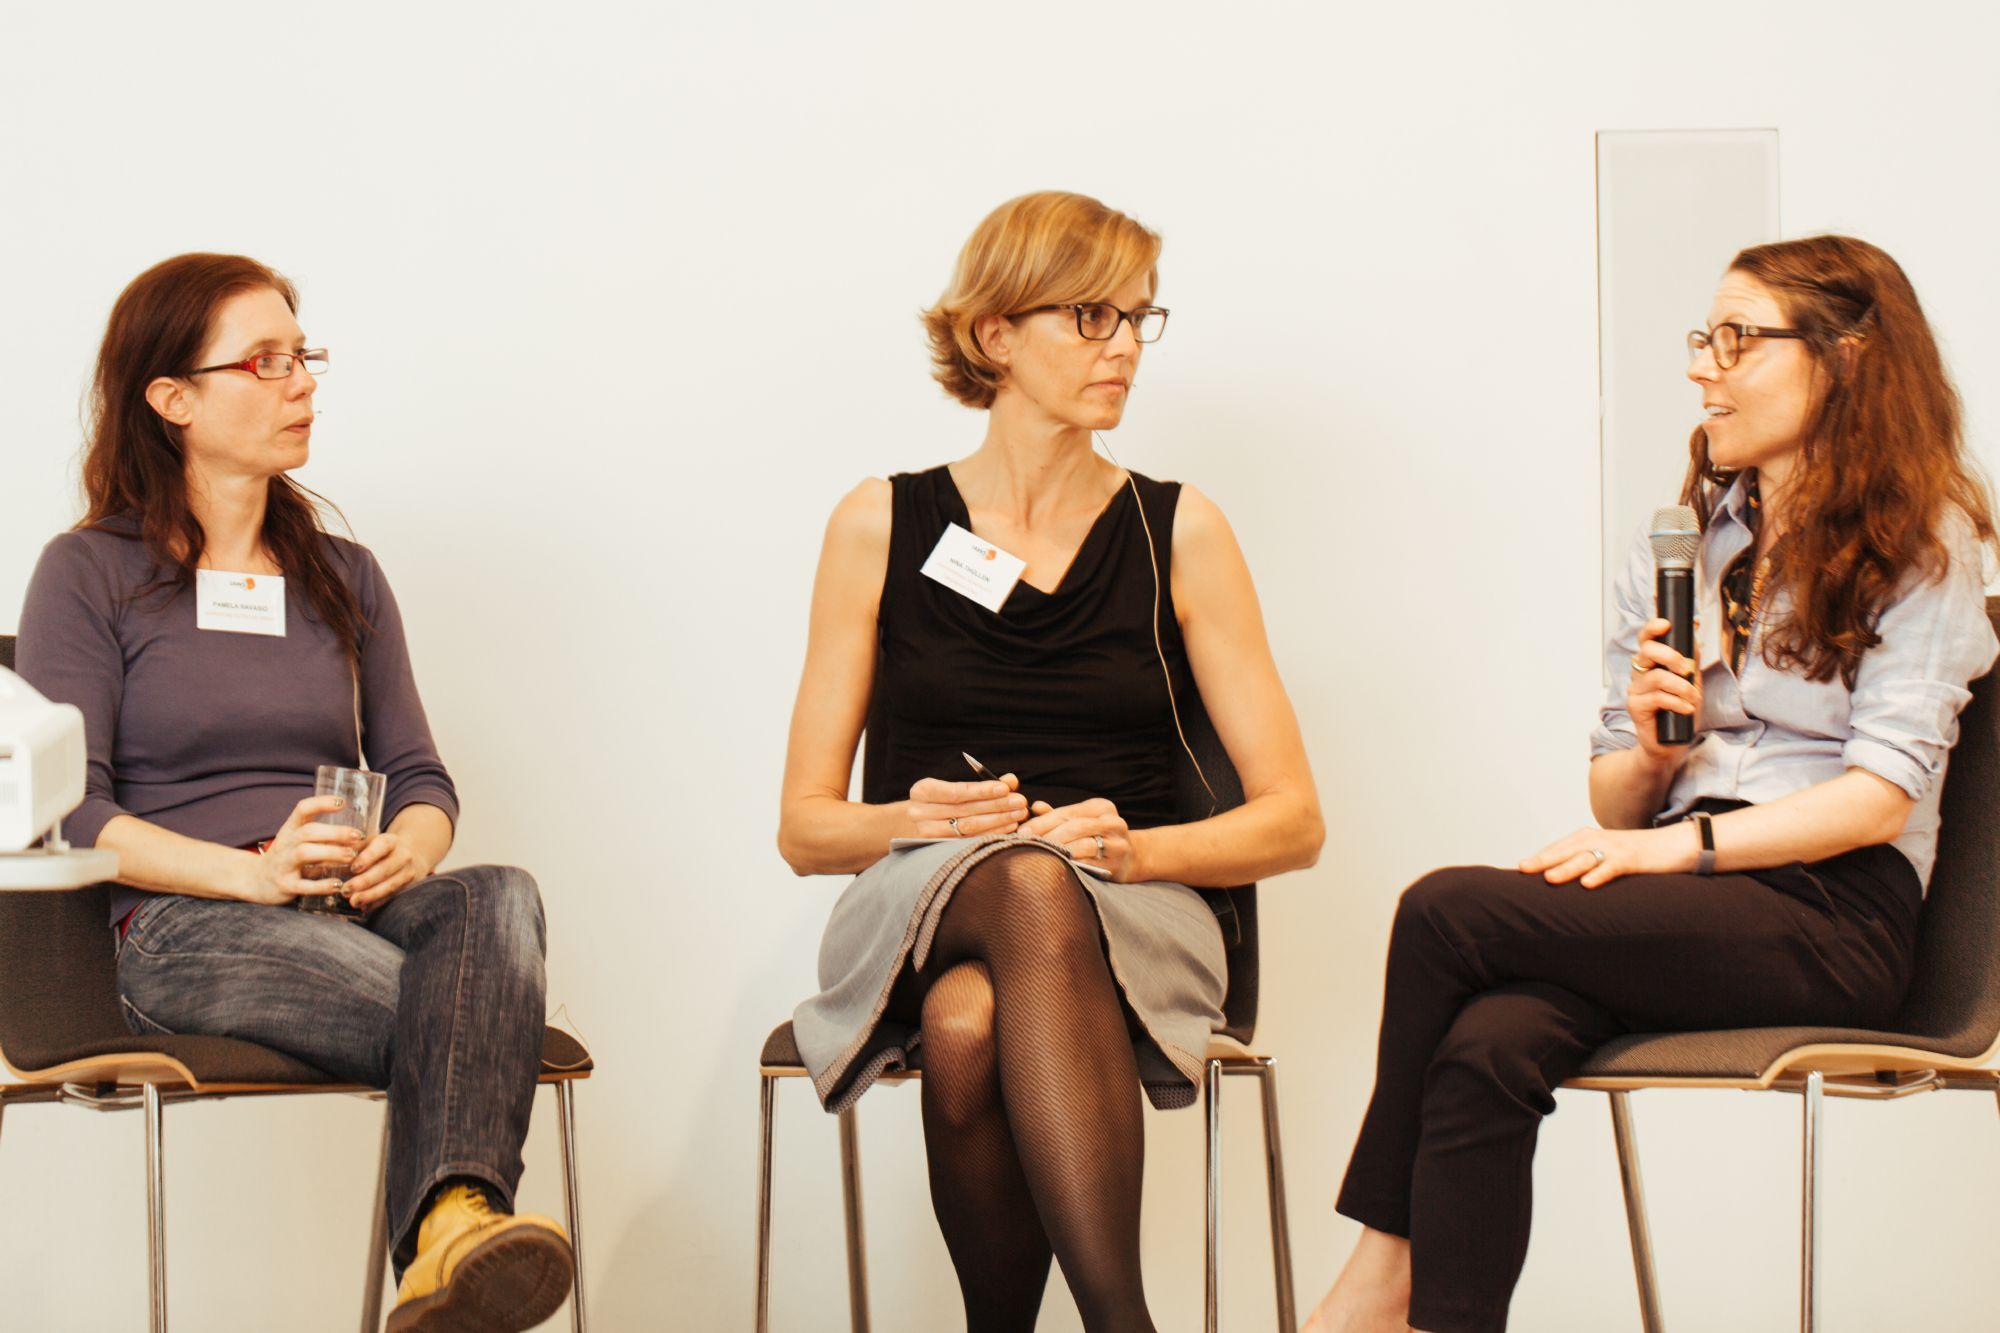 Pamela Ravasio, Hanna Denes und Nina Thüllen beim IAWS 2018